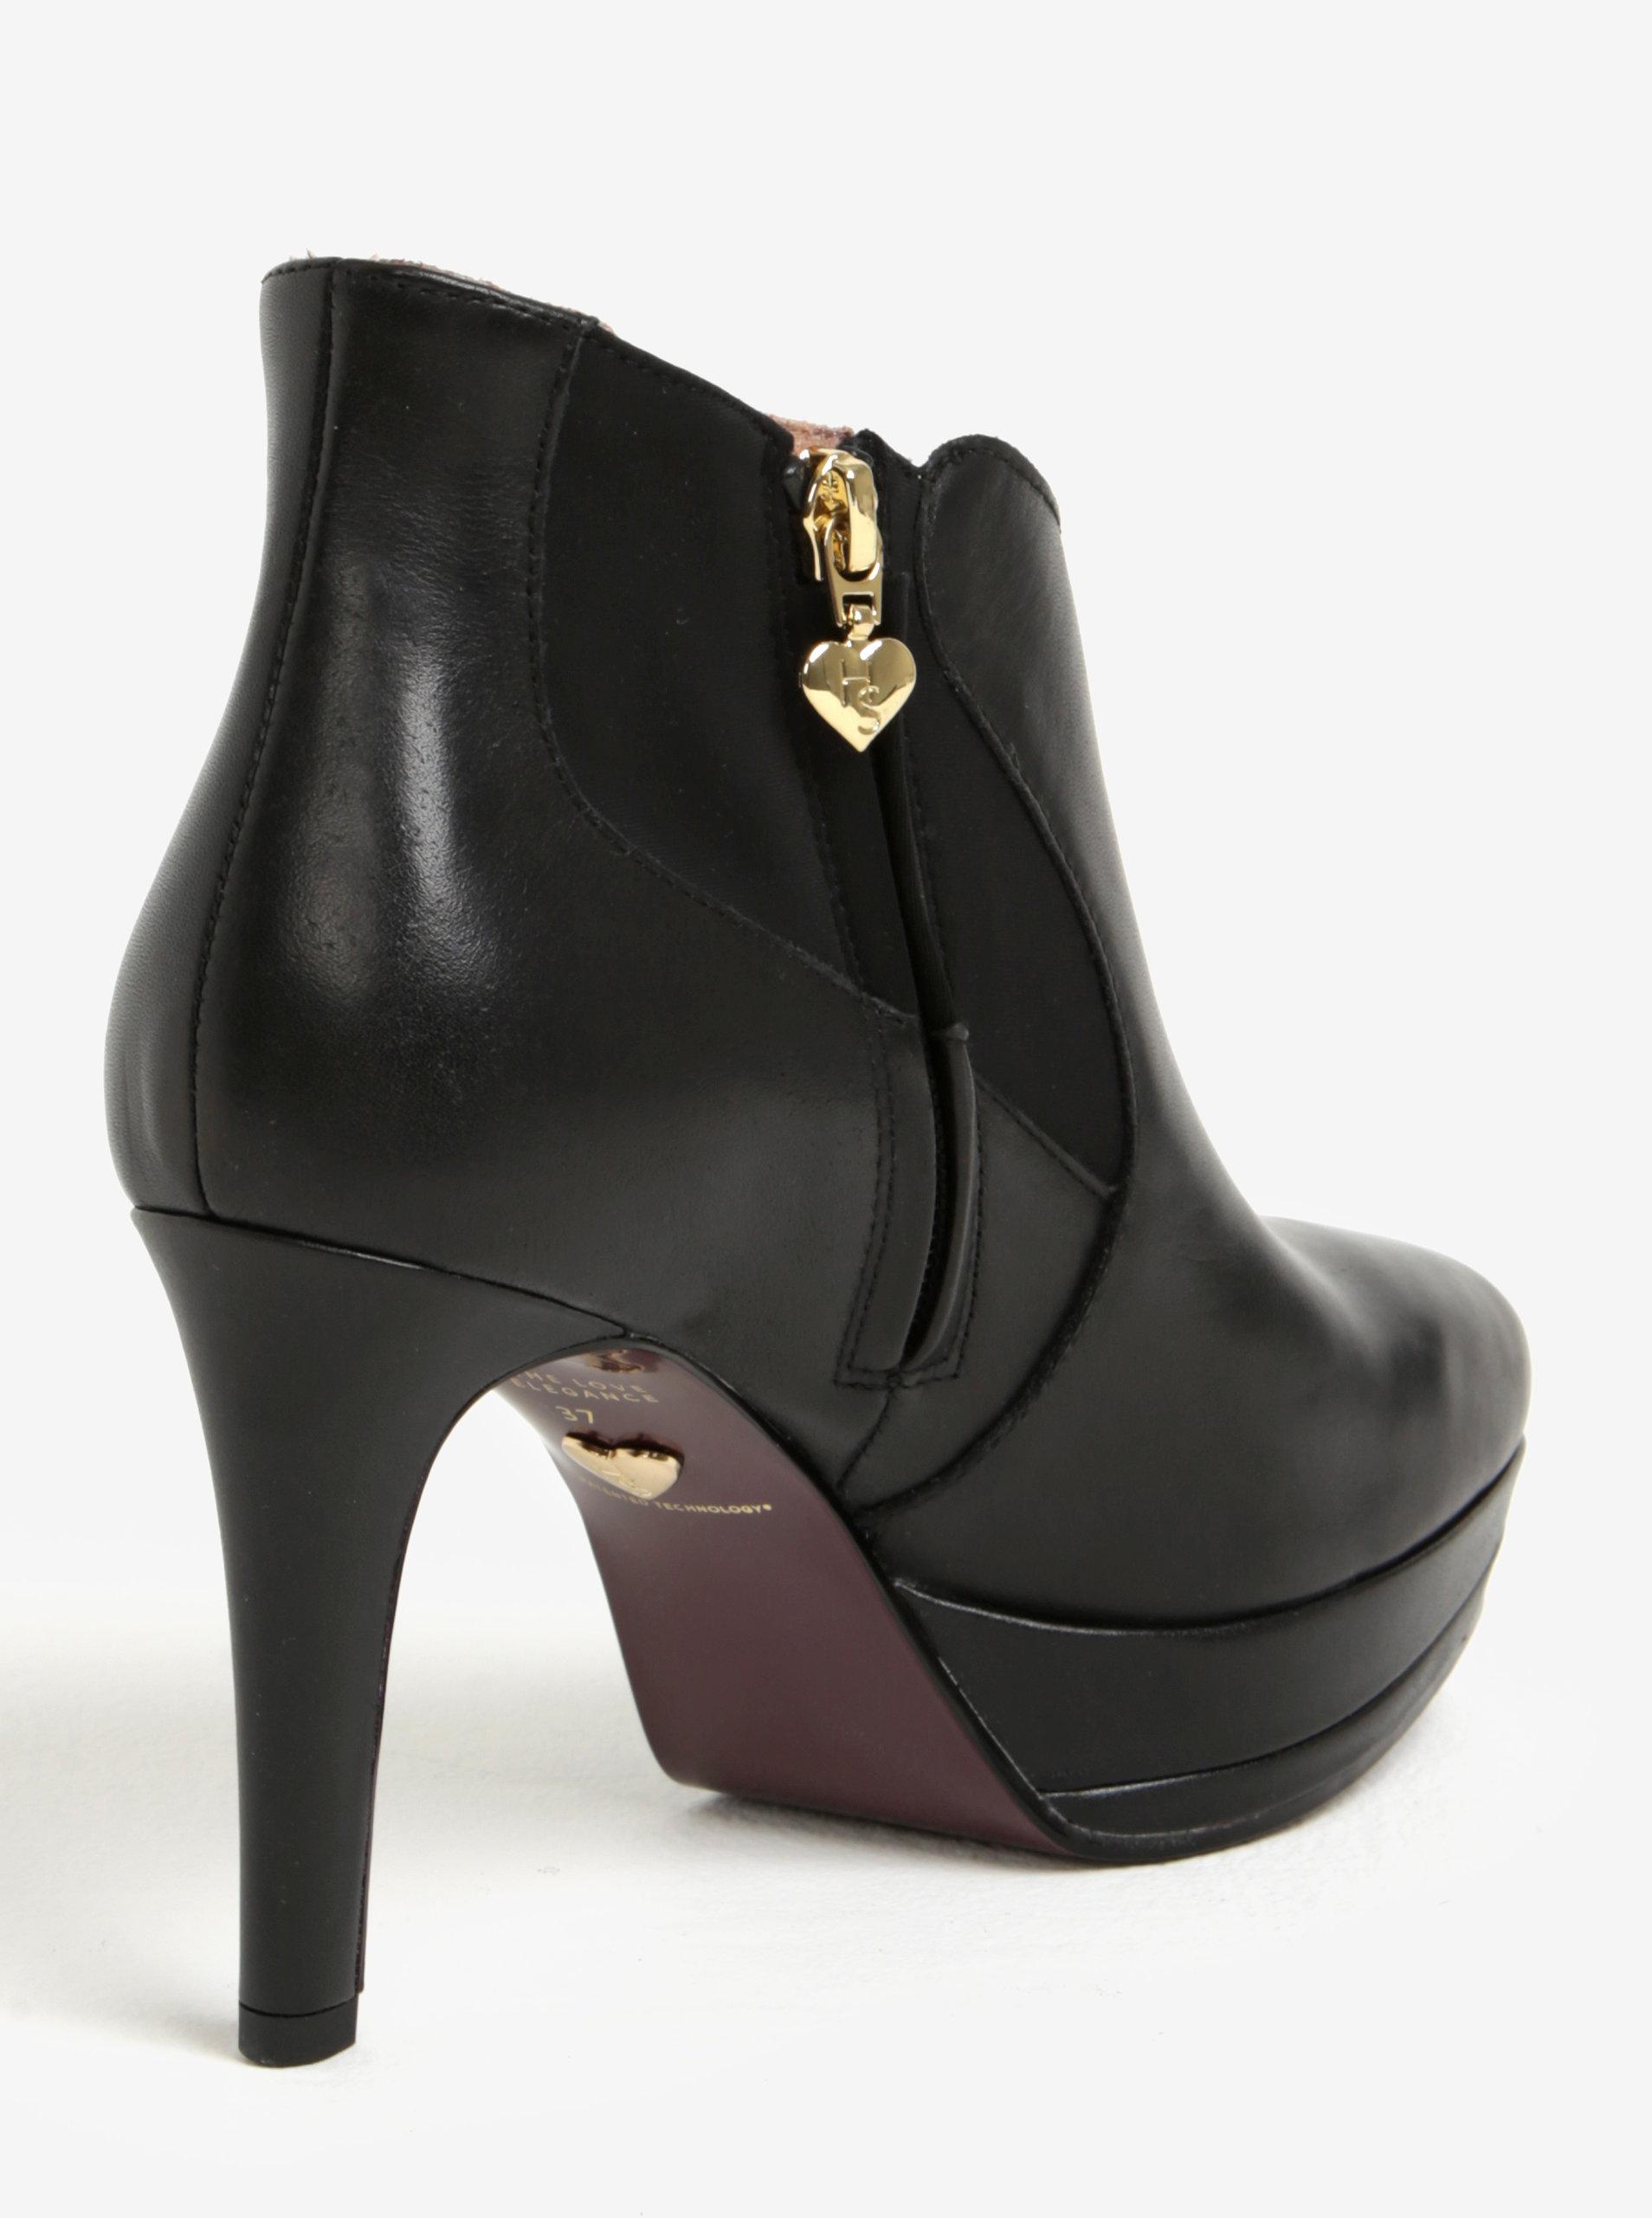 966eb589b1 Čierne kožené členkové topánky na vysokom podpätku Tamaris ...